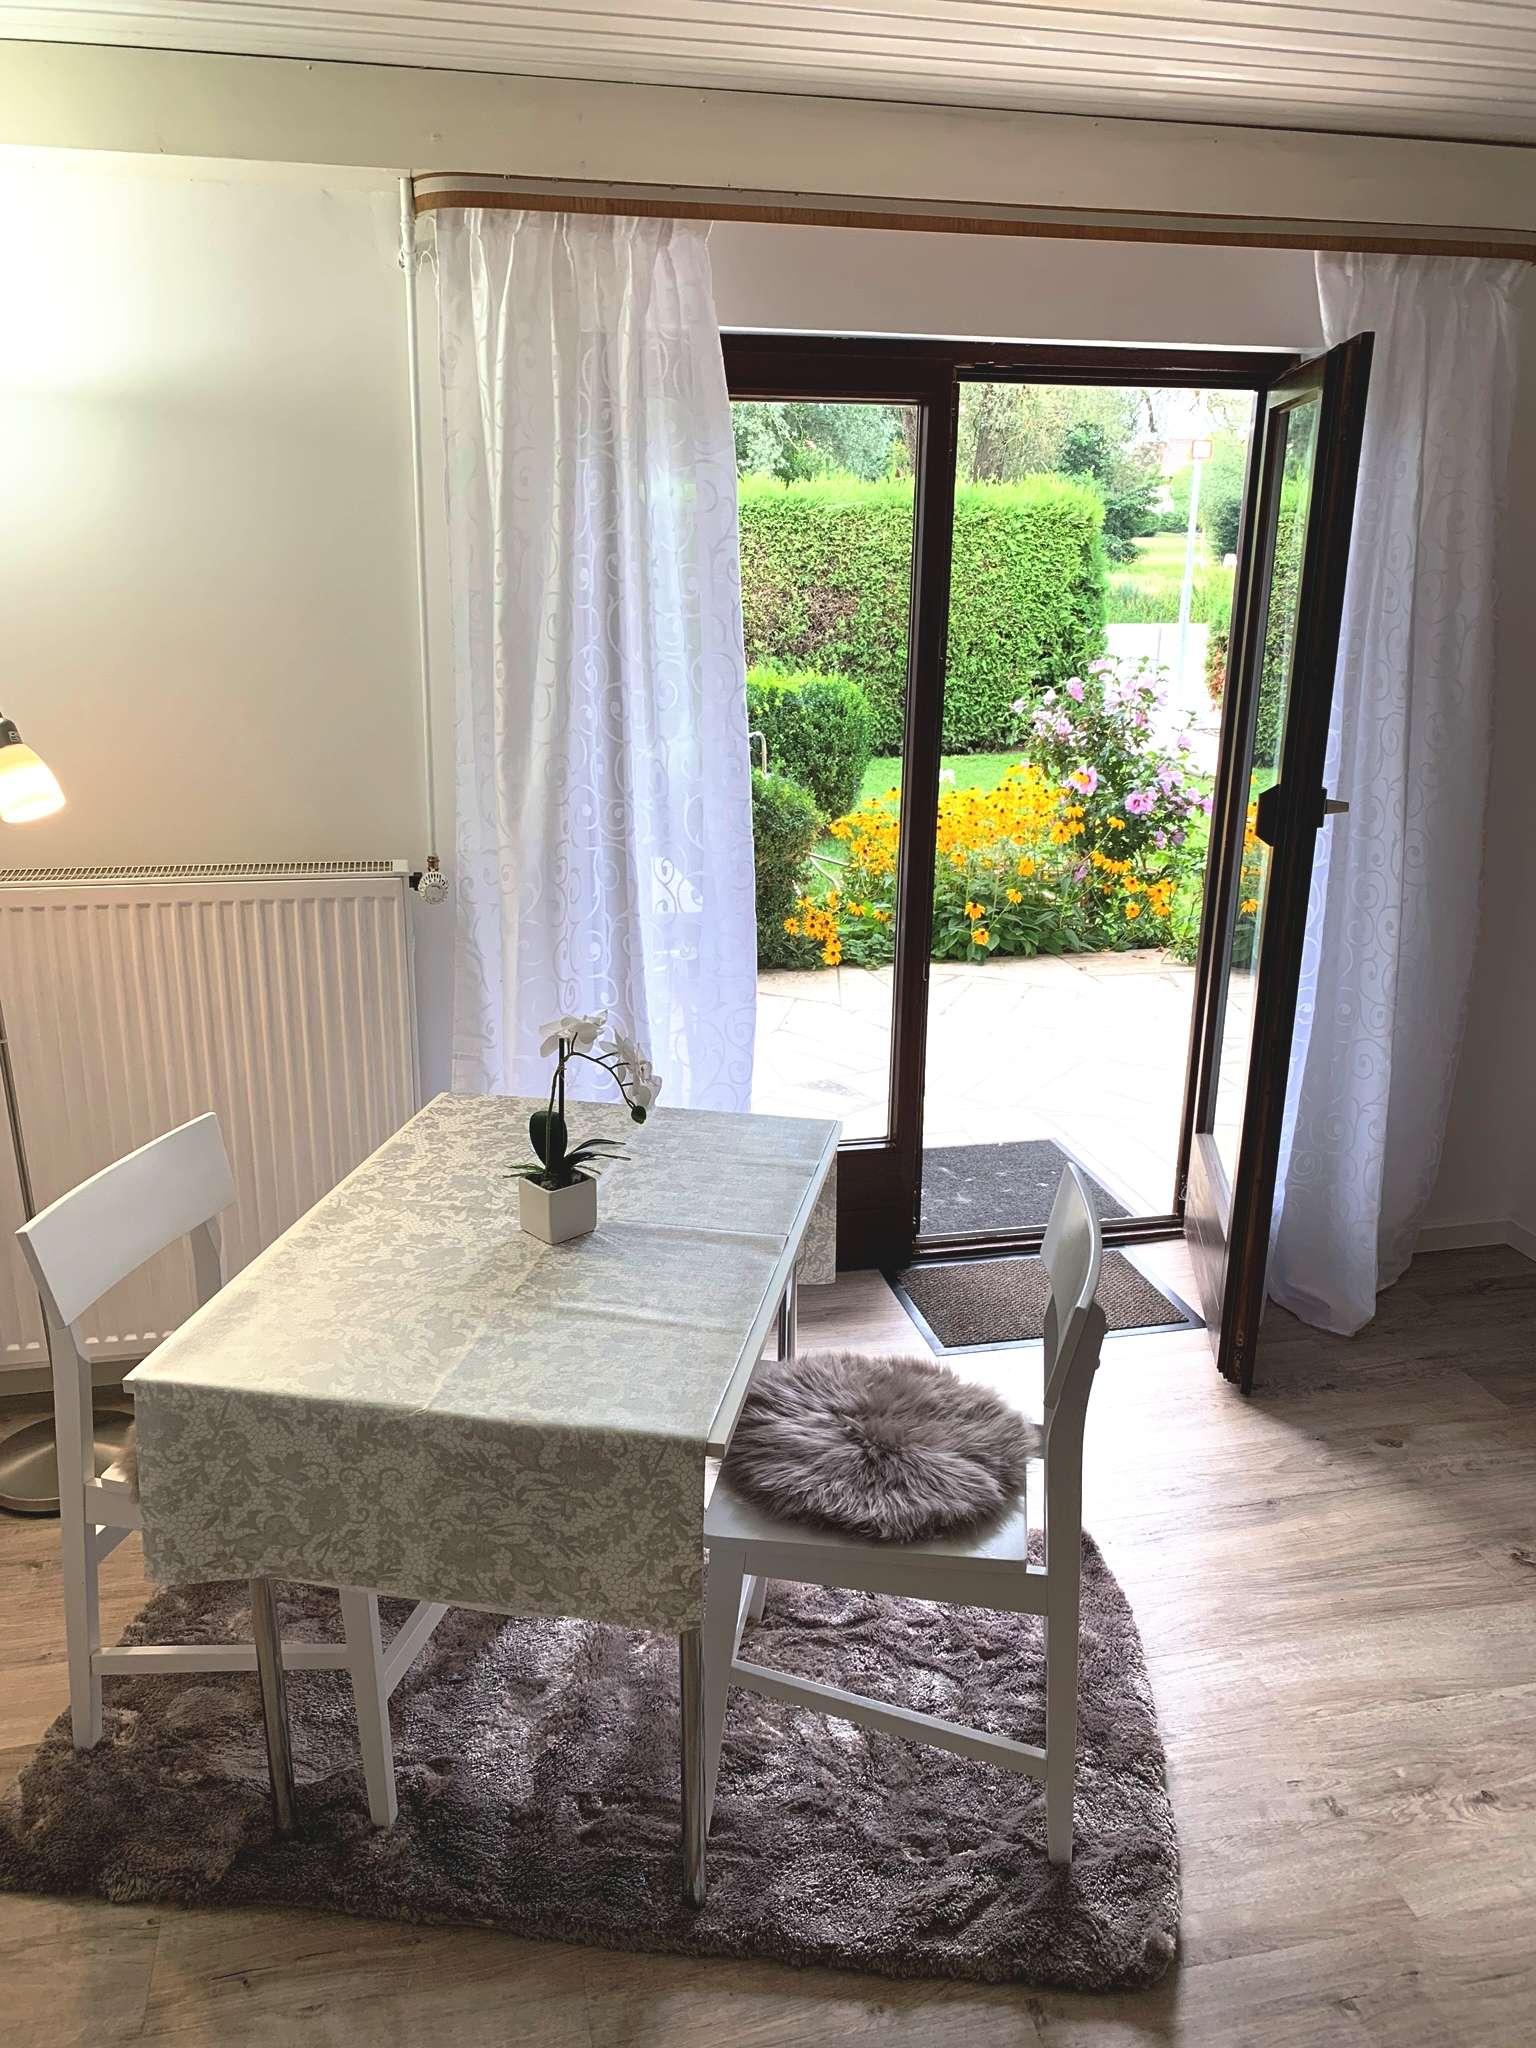 Schöne ruhige Ein-Zimmer Wohnung mit Abensblick in Kelheim (Kreis), Neustadt an der Donau in Neustadt an der Donau